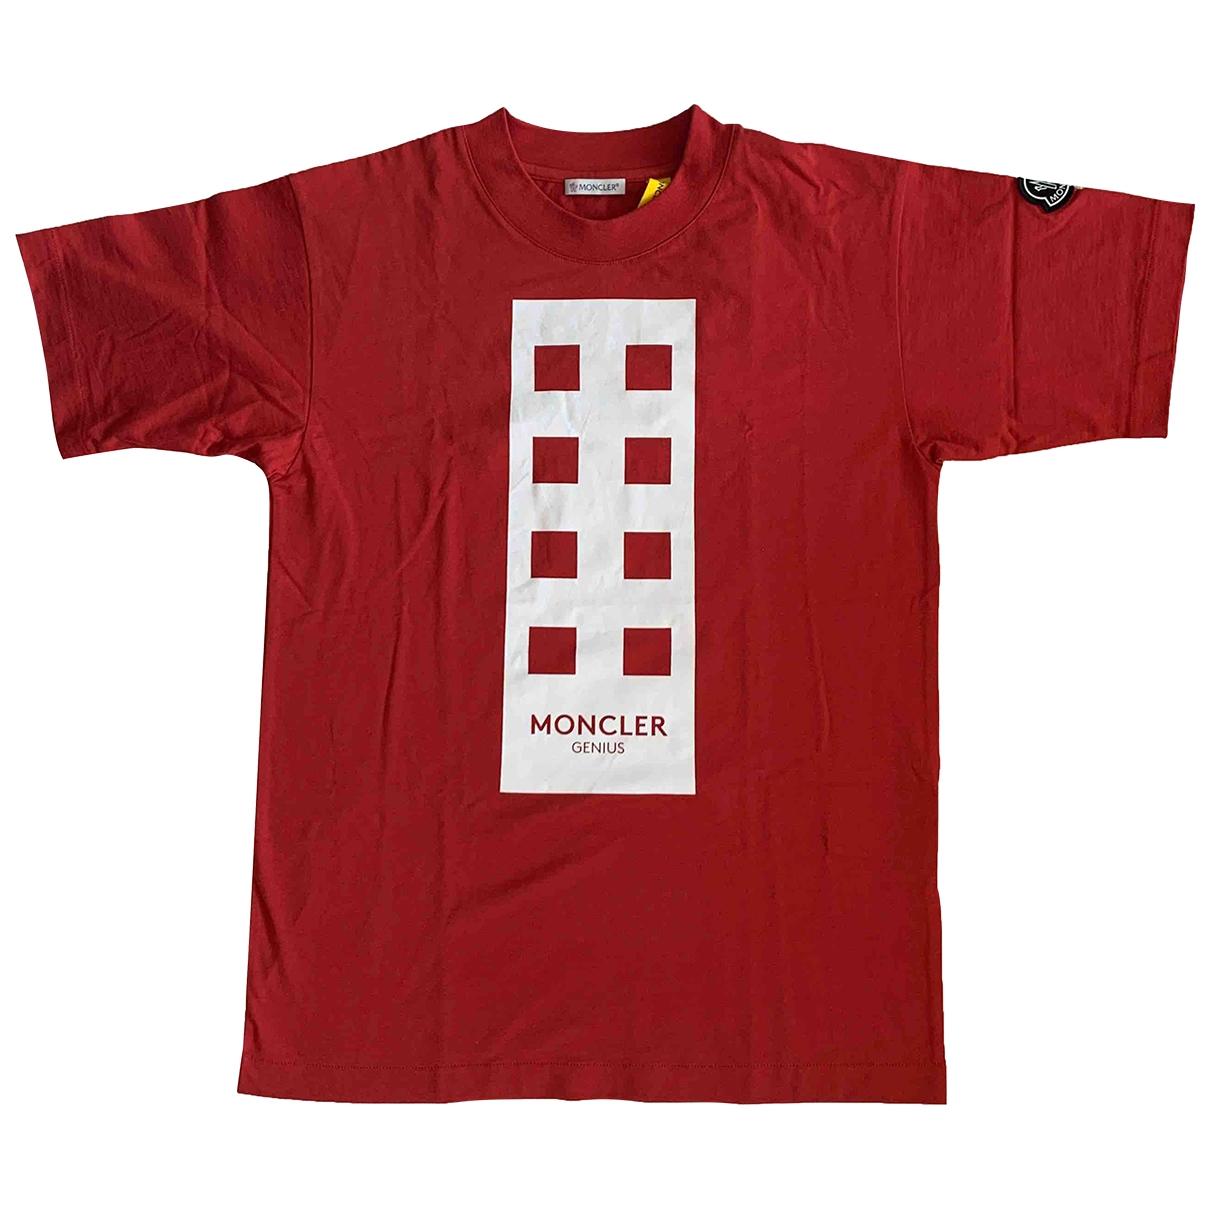 Moncler Genius - Top Moncler n°8 Palm Angels pour femme en coton - rouge